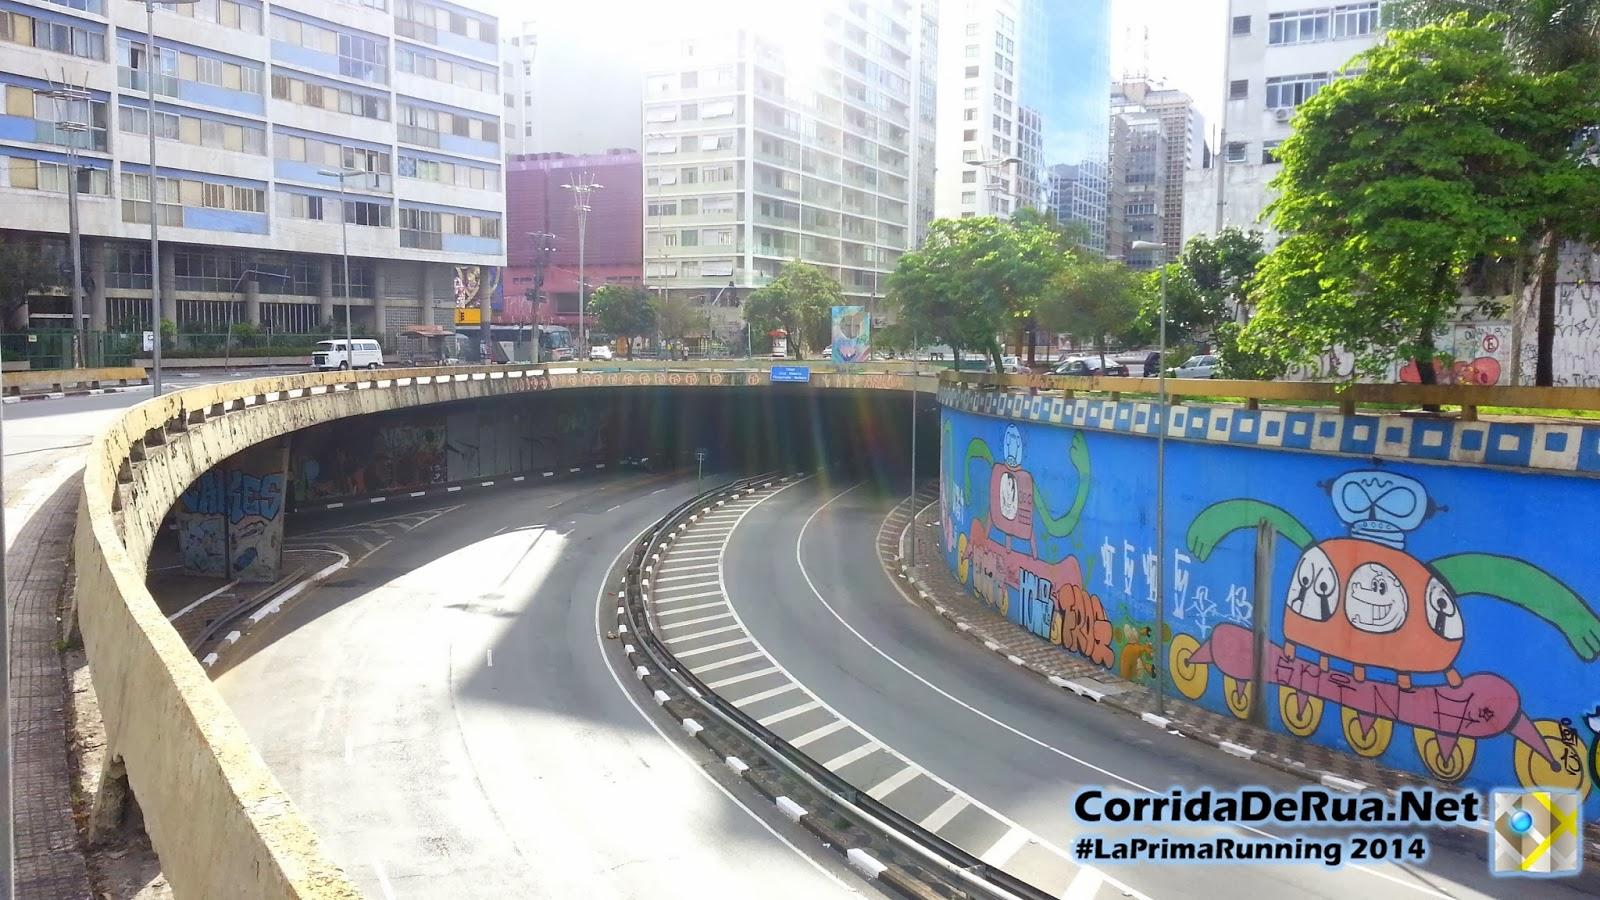 Viaduto Okuhara Koei - Próximo a Avenida Doutor Arnaldo - Corrida De rua